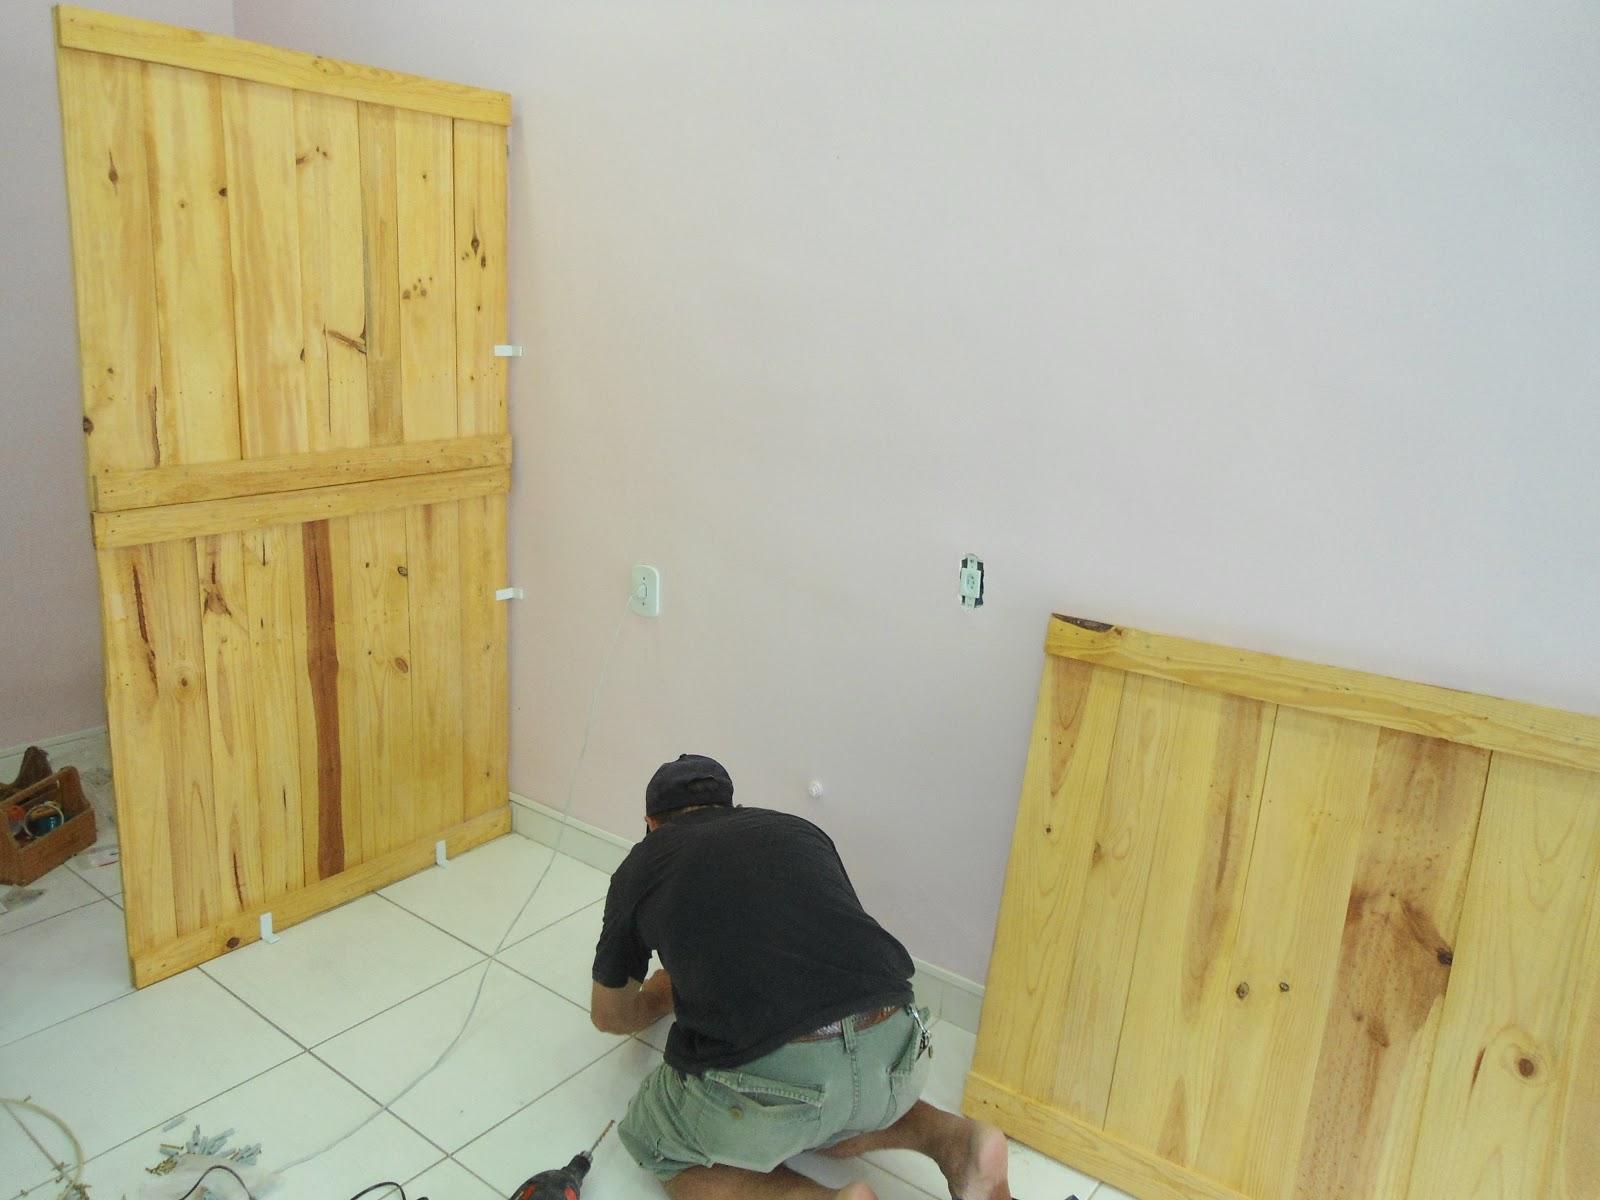 CAIXOTES DE FEIRA BALCÃO TROCADOR EXPOSITORES VITRINE E DECK #907B3B 1600x1200